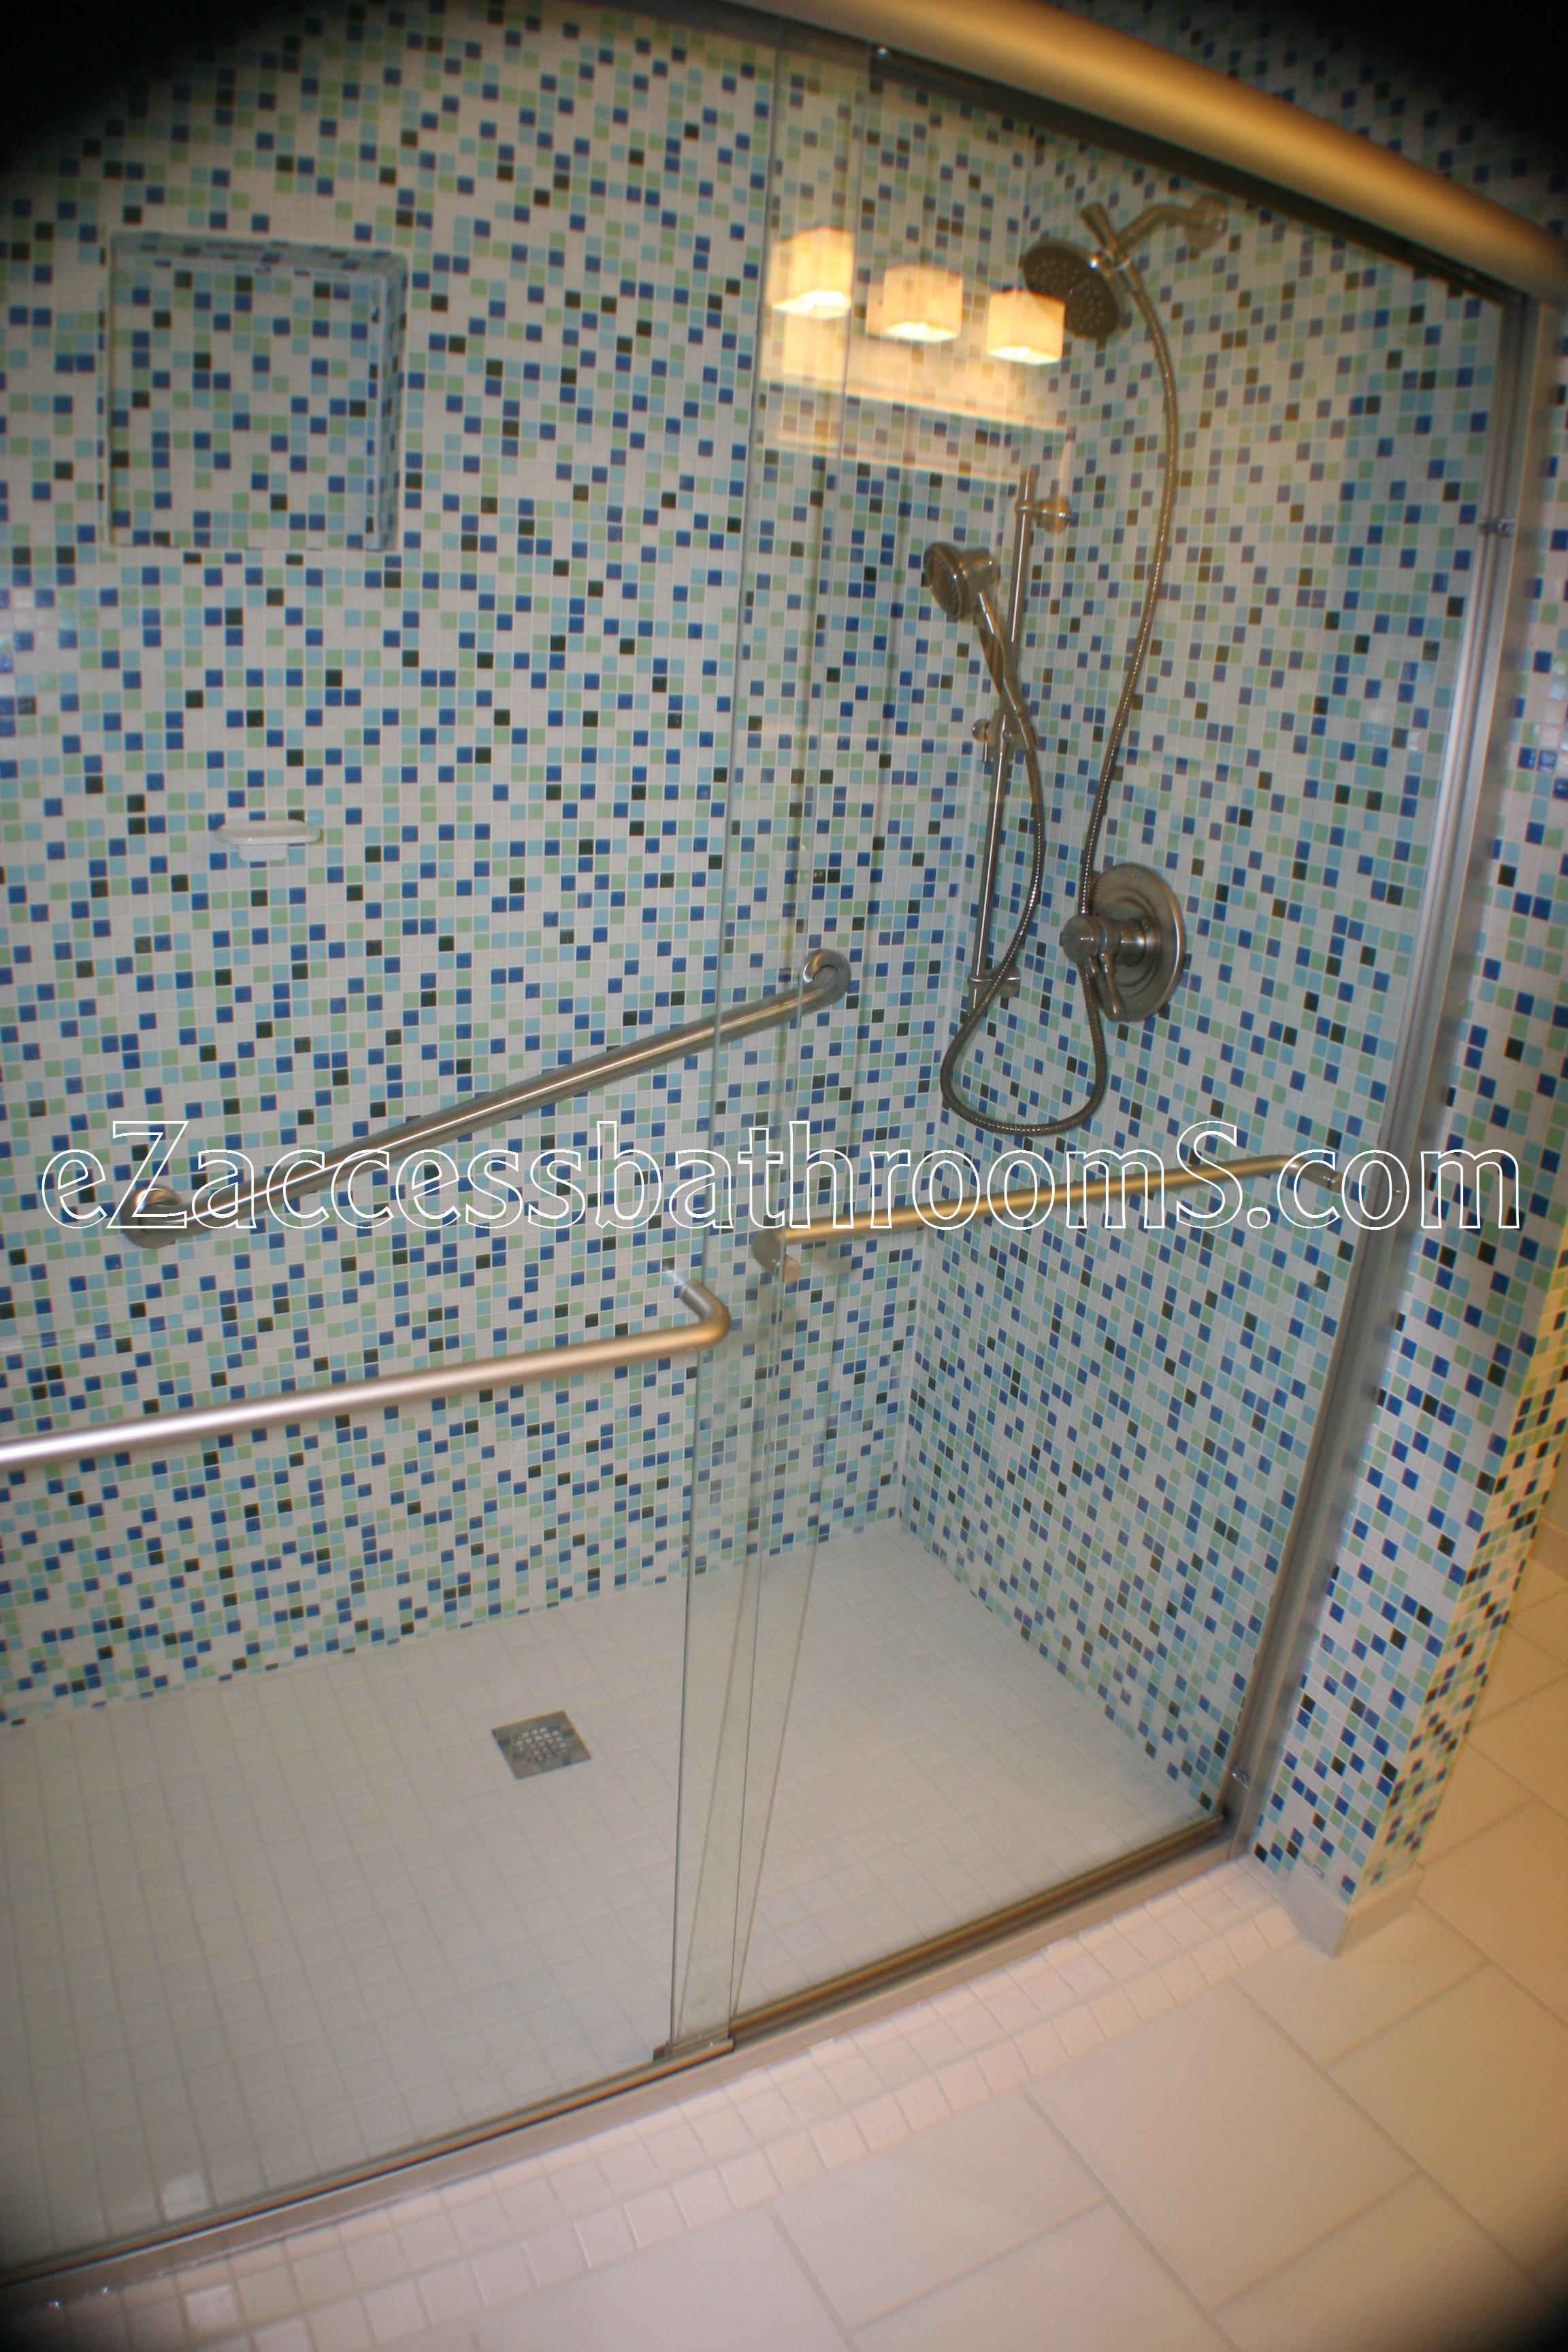 rollin shower ezaccessbathrooms.com 0036.JPG